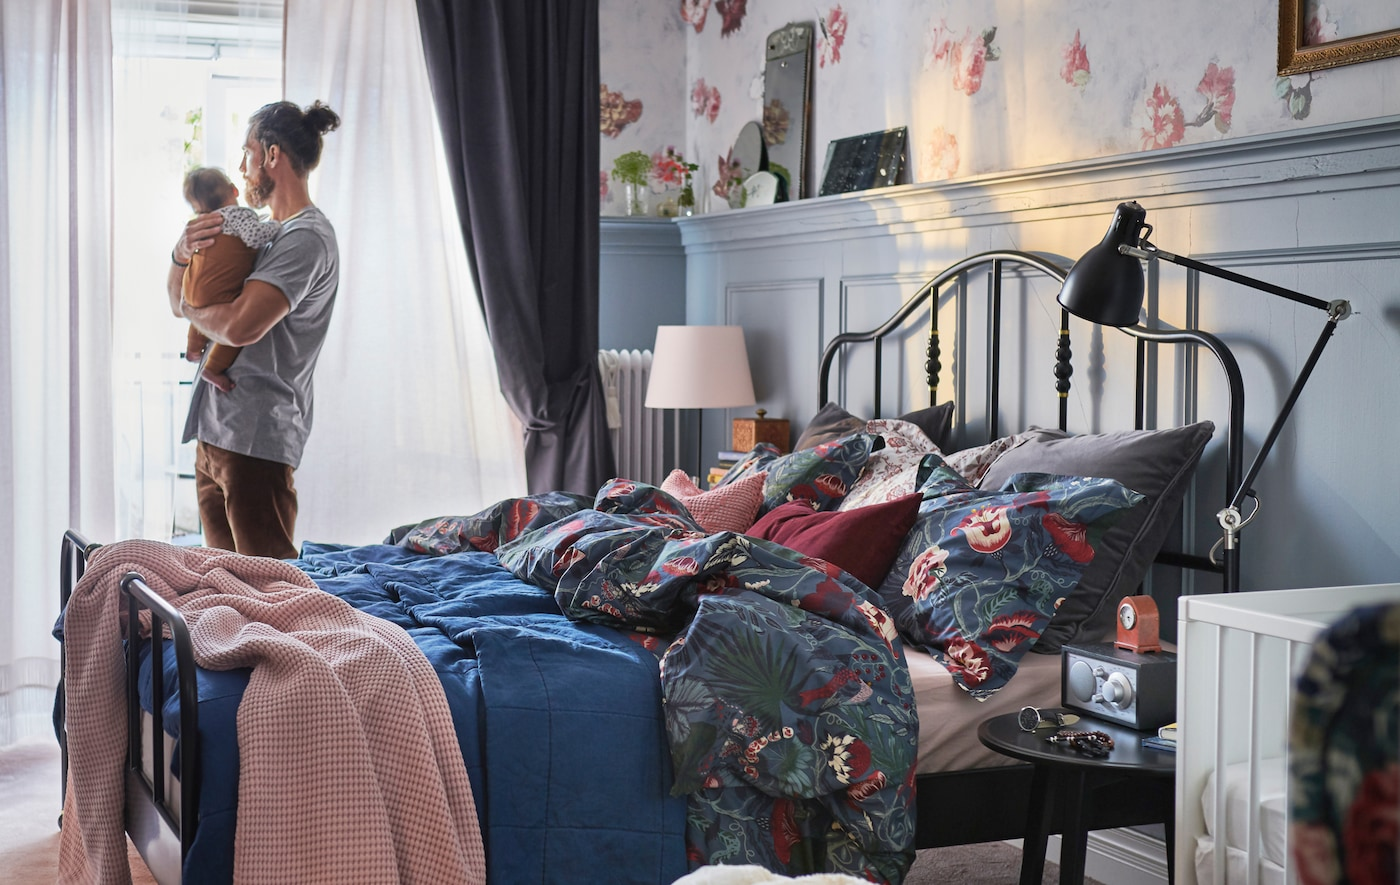 رجل يقف حاملًا طفل رضيع في غرفة نوم مع مفروشات سرير مزركشة زهور وطبقات ستائر على النافذة.